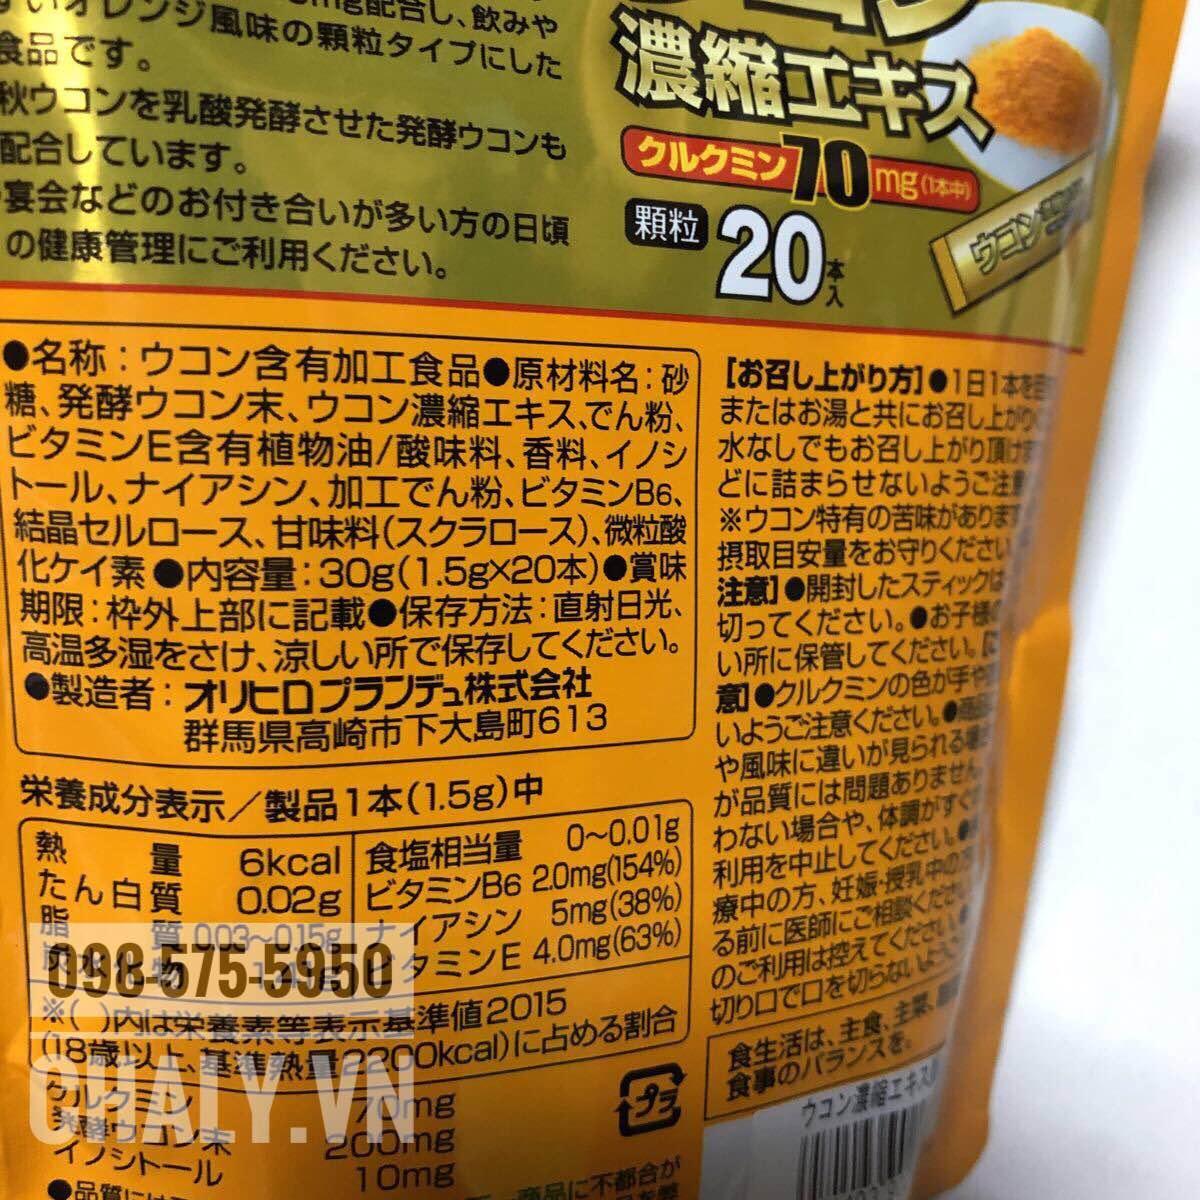 Nghe tên là rõ, bột nghệ giải rượu orihiro nhật bản thì thành phần chủ yếu là bột nghệ nhật nguyên chất. Mình uống thấy rất lành. Hàng orihiro nên càng yên tâm chứ mình không dám uống hàng tào lao khác